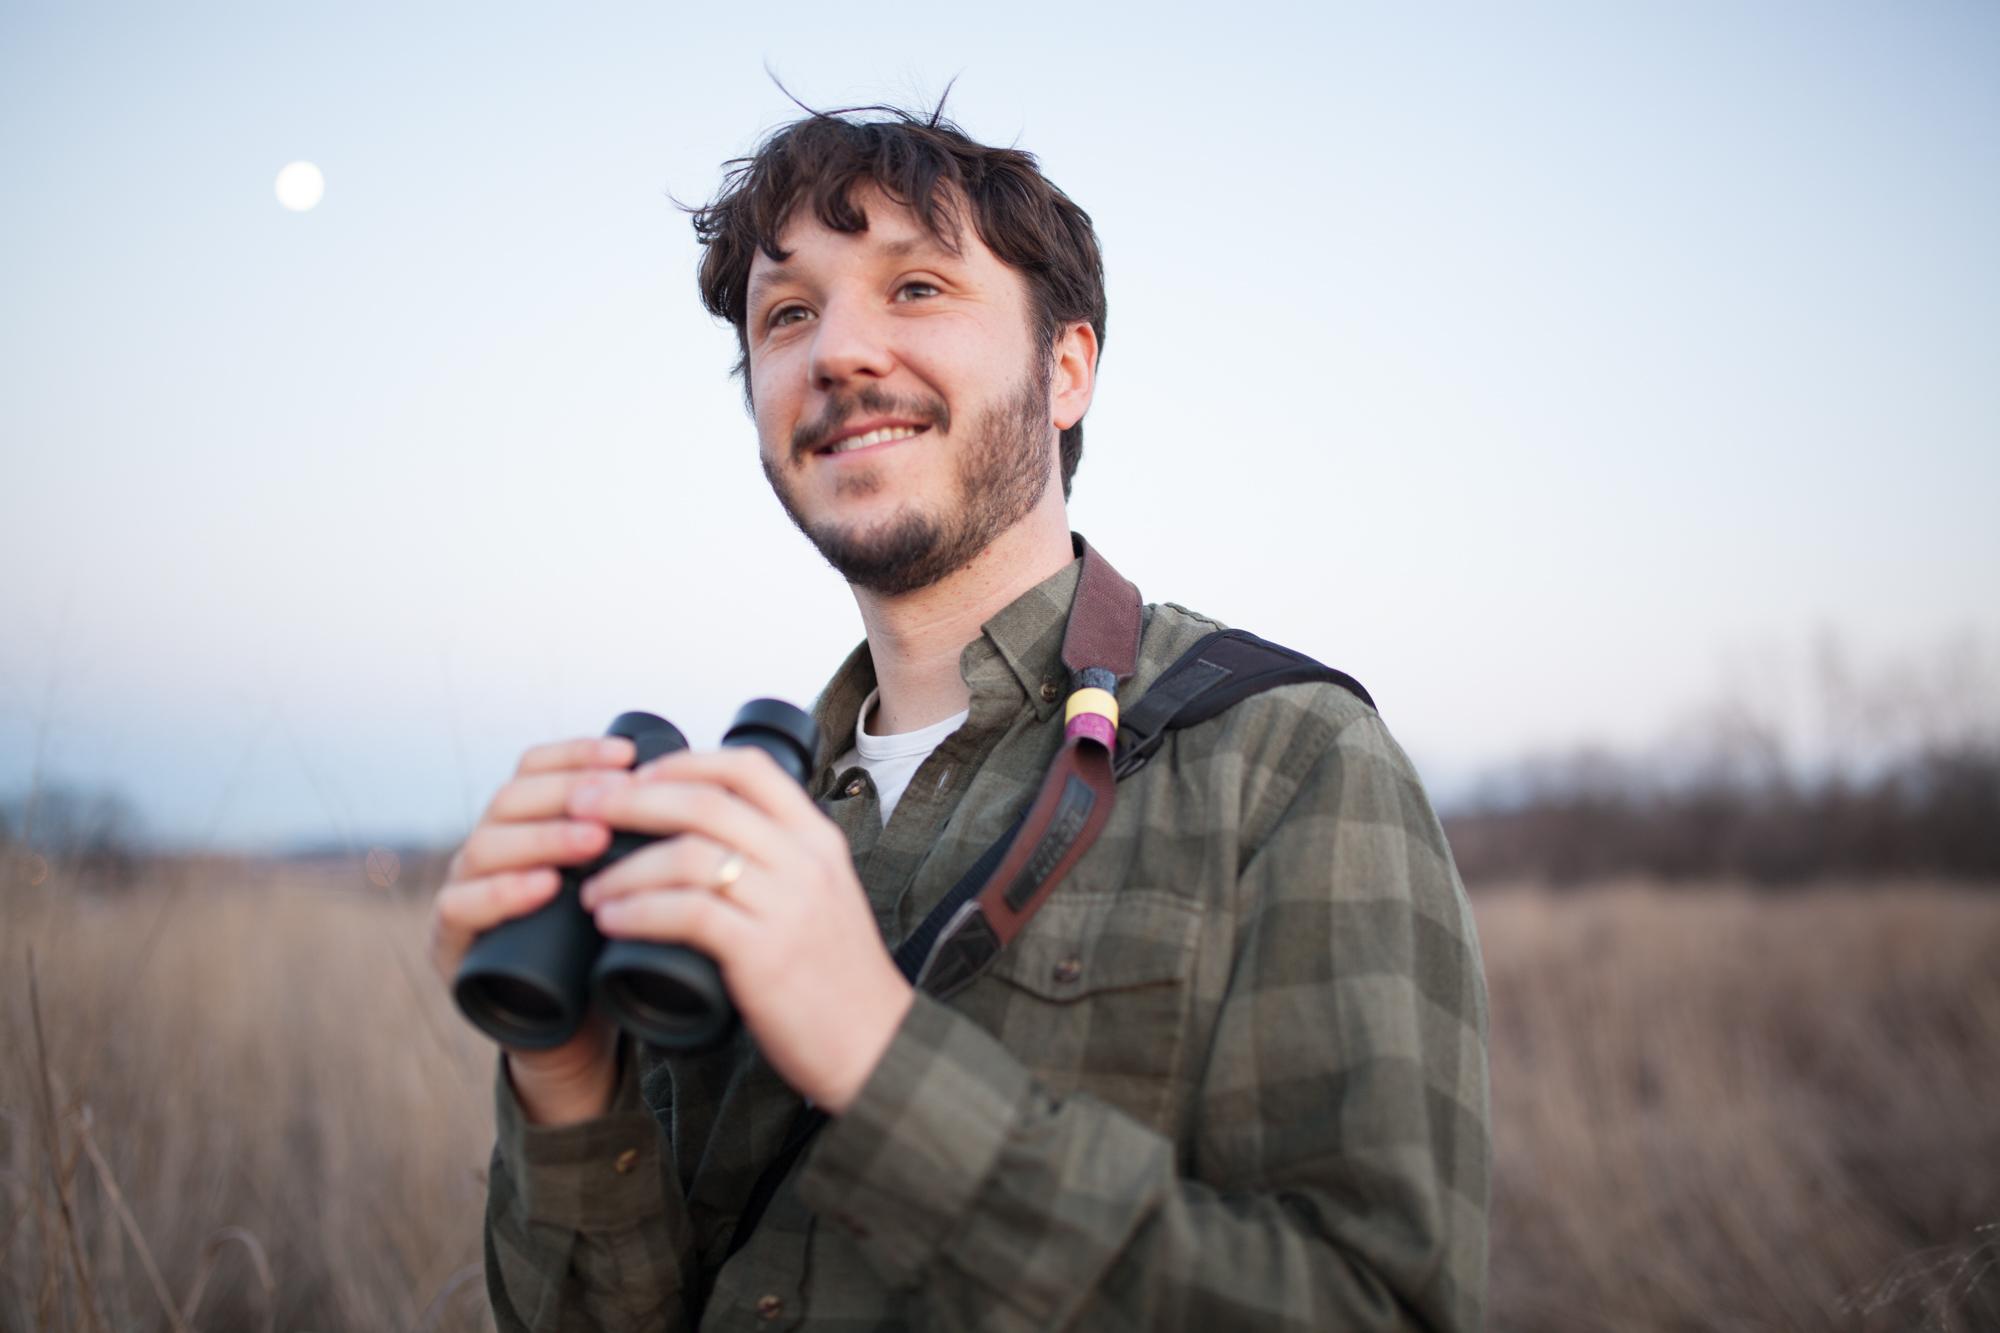 Nick Lund - The Birdist